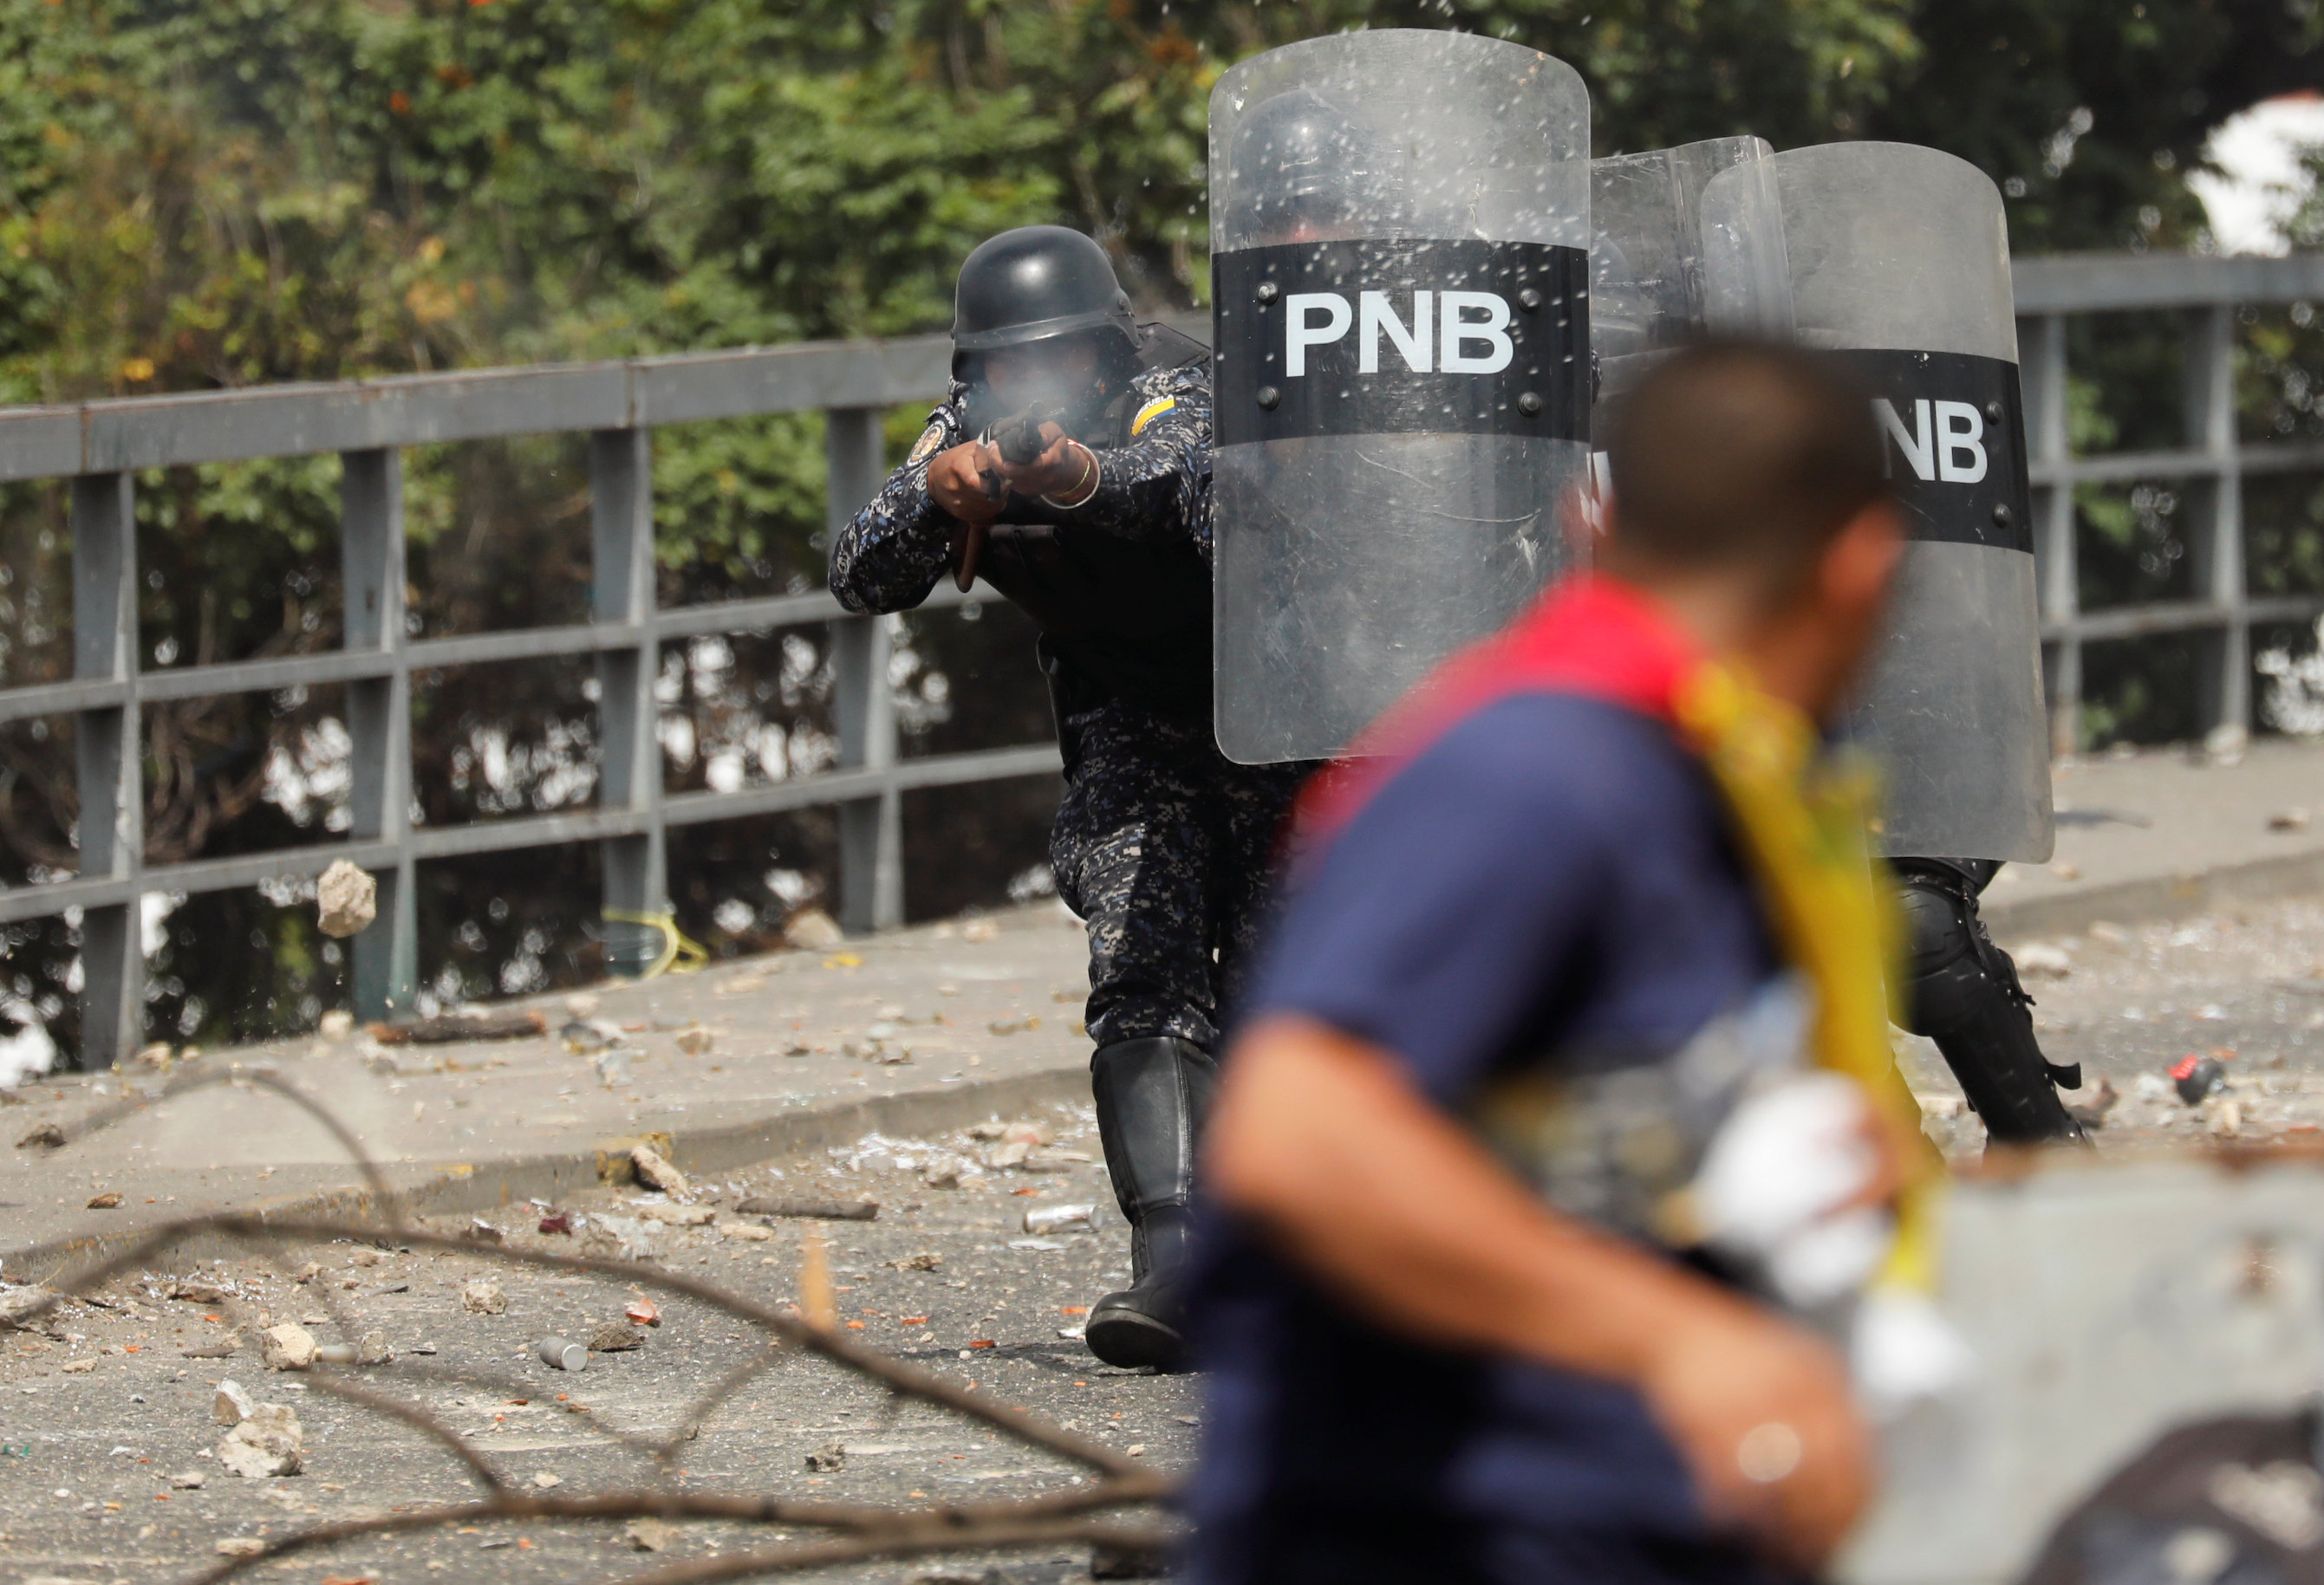 Un miembro de la Policía Nacional Bolivariana dispara balas de goma a los manifestantes en Caracas